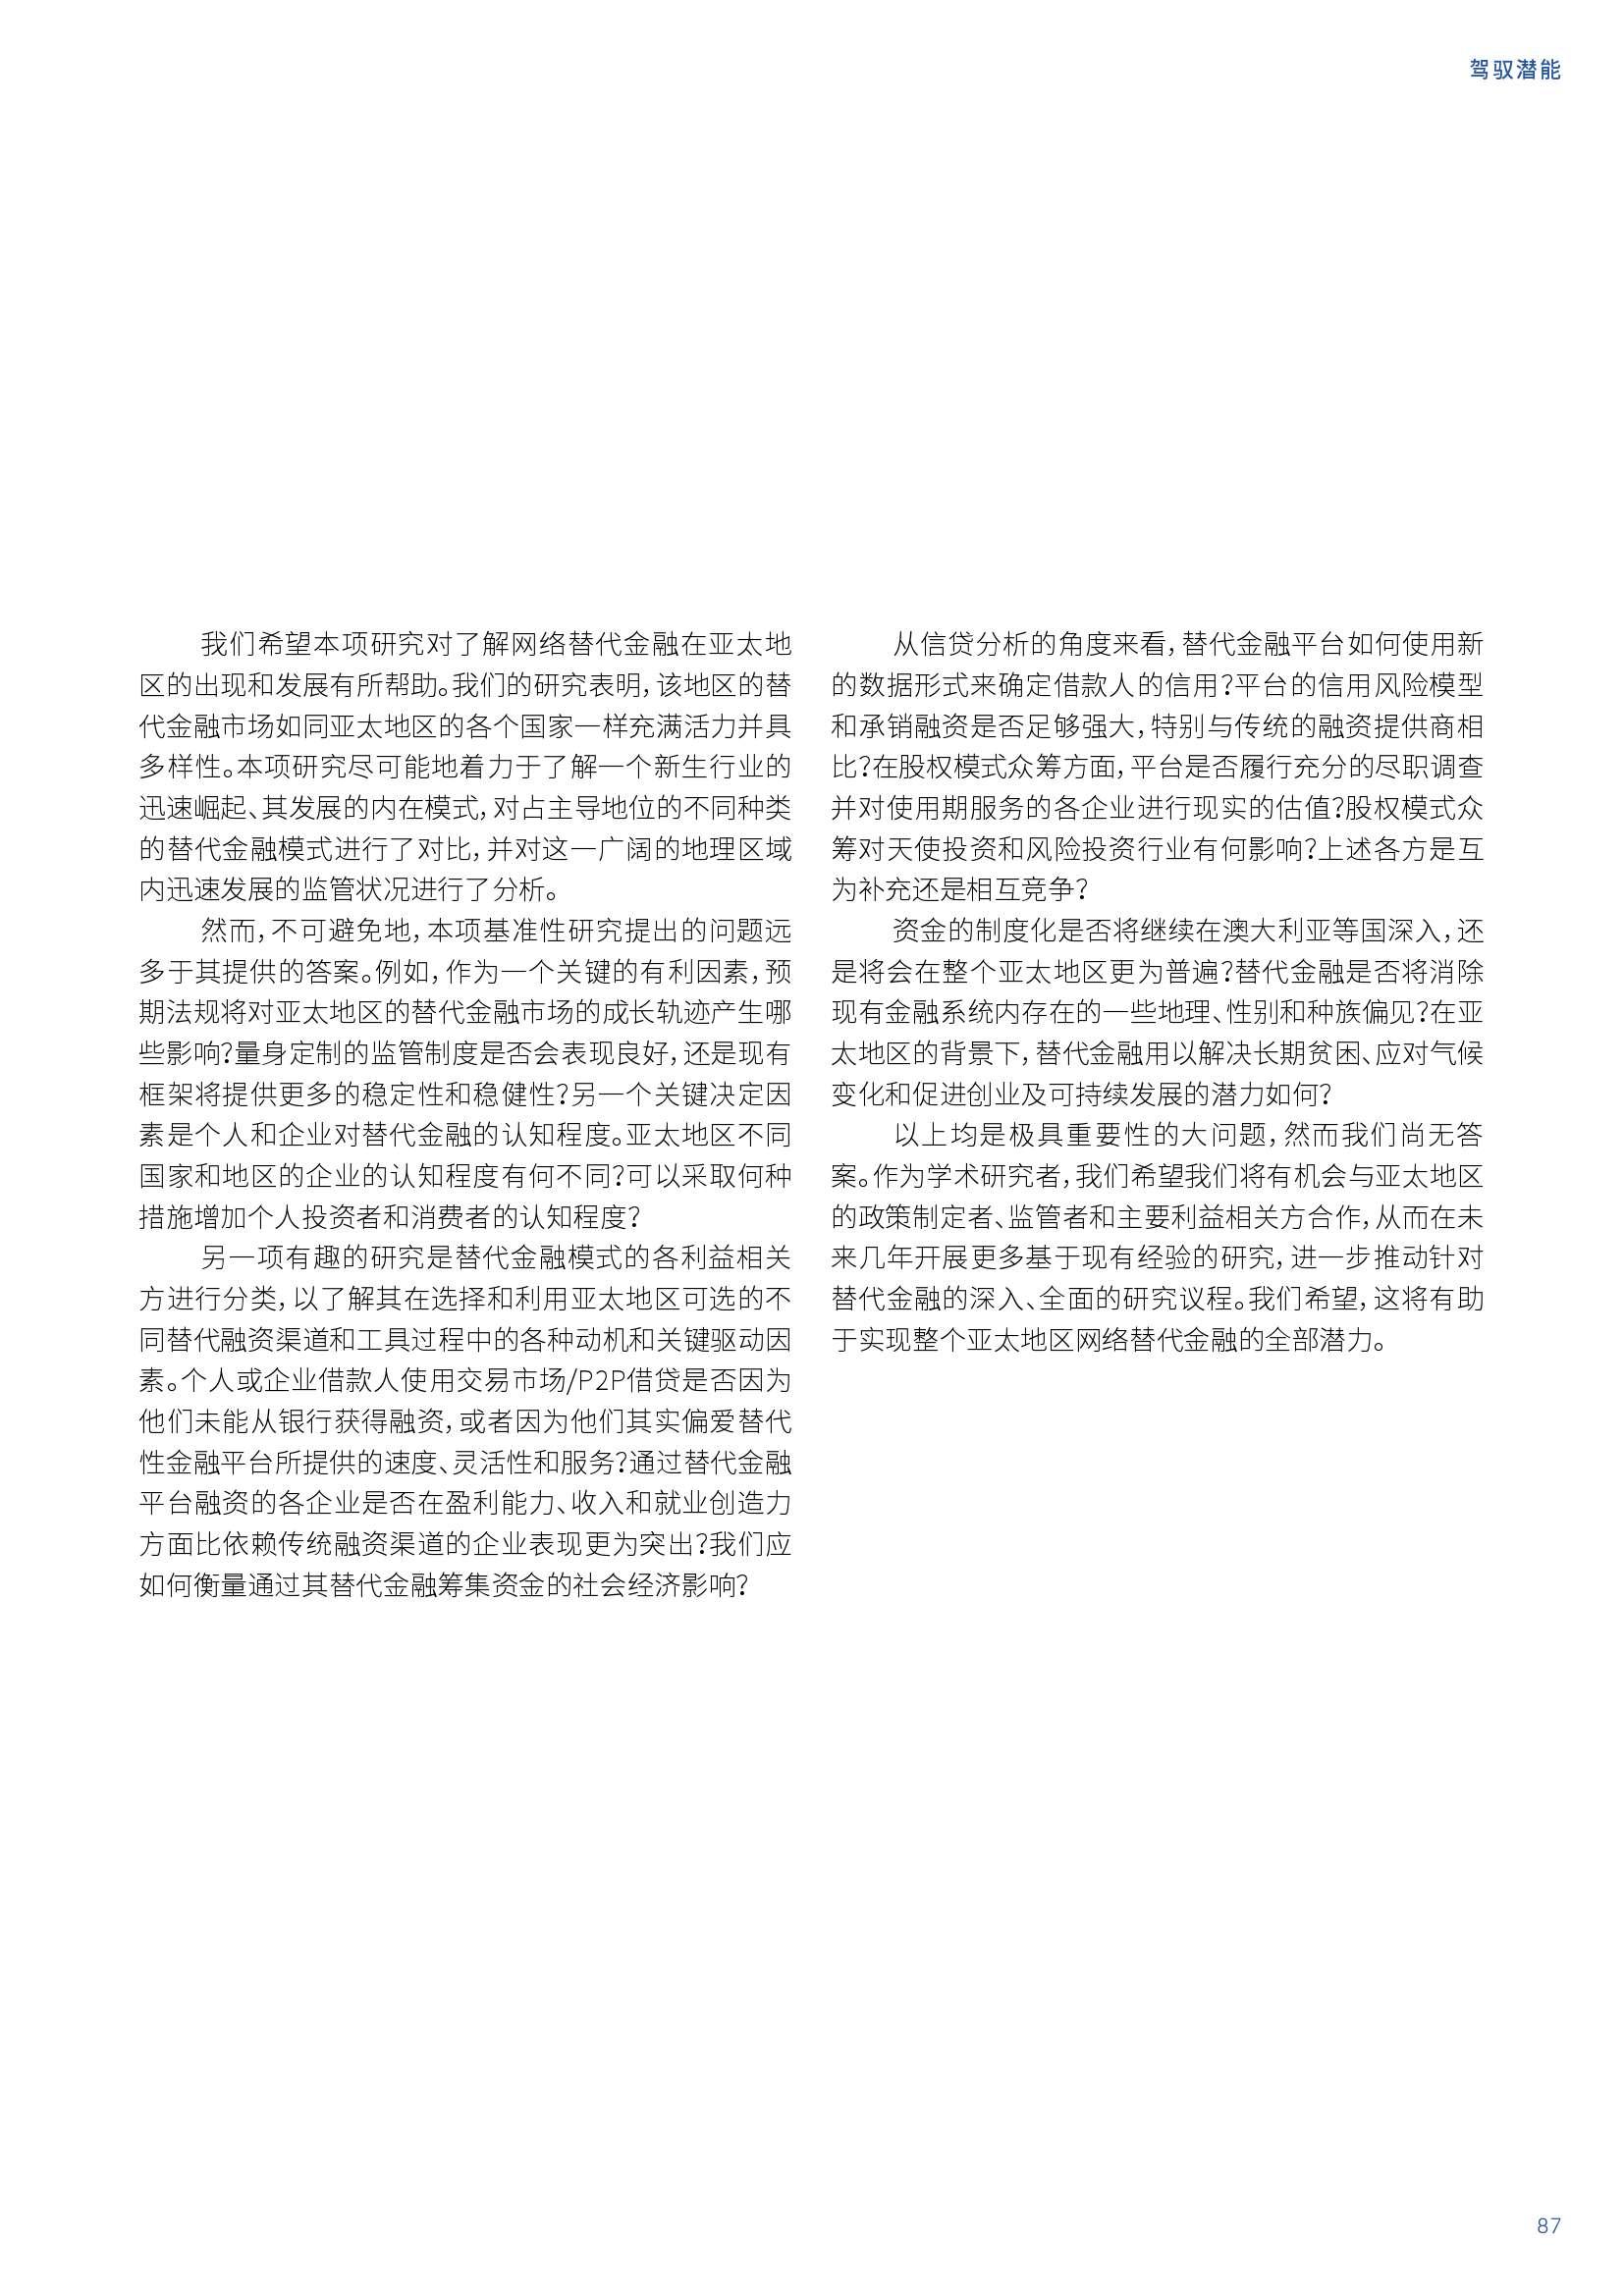 亚太地区网络替代金融基准报告_000087